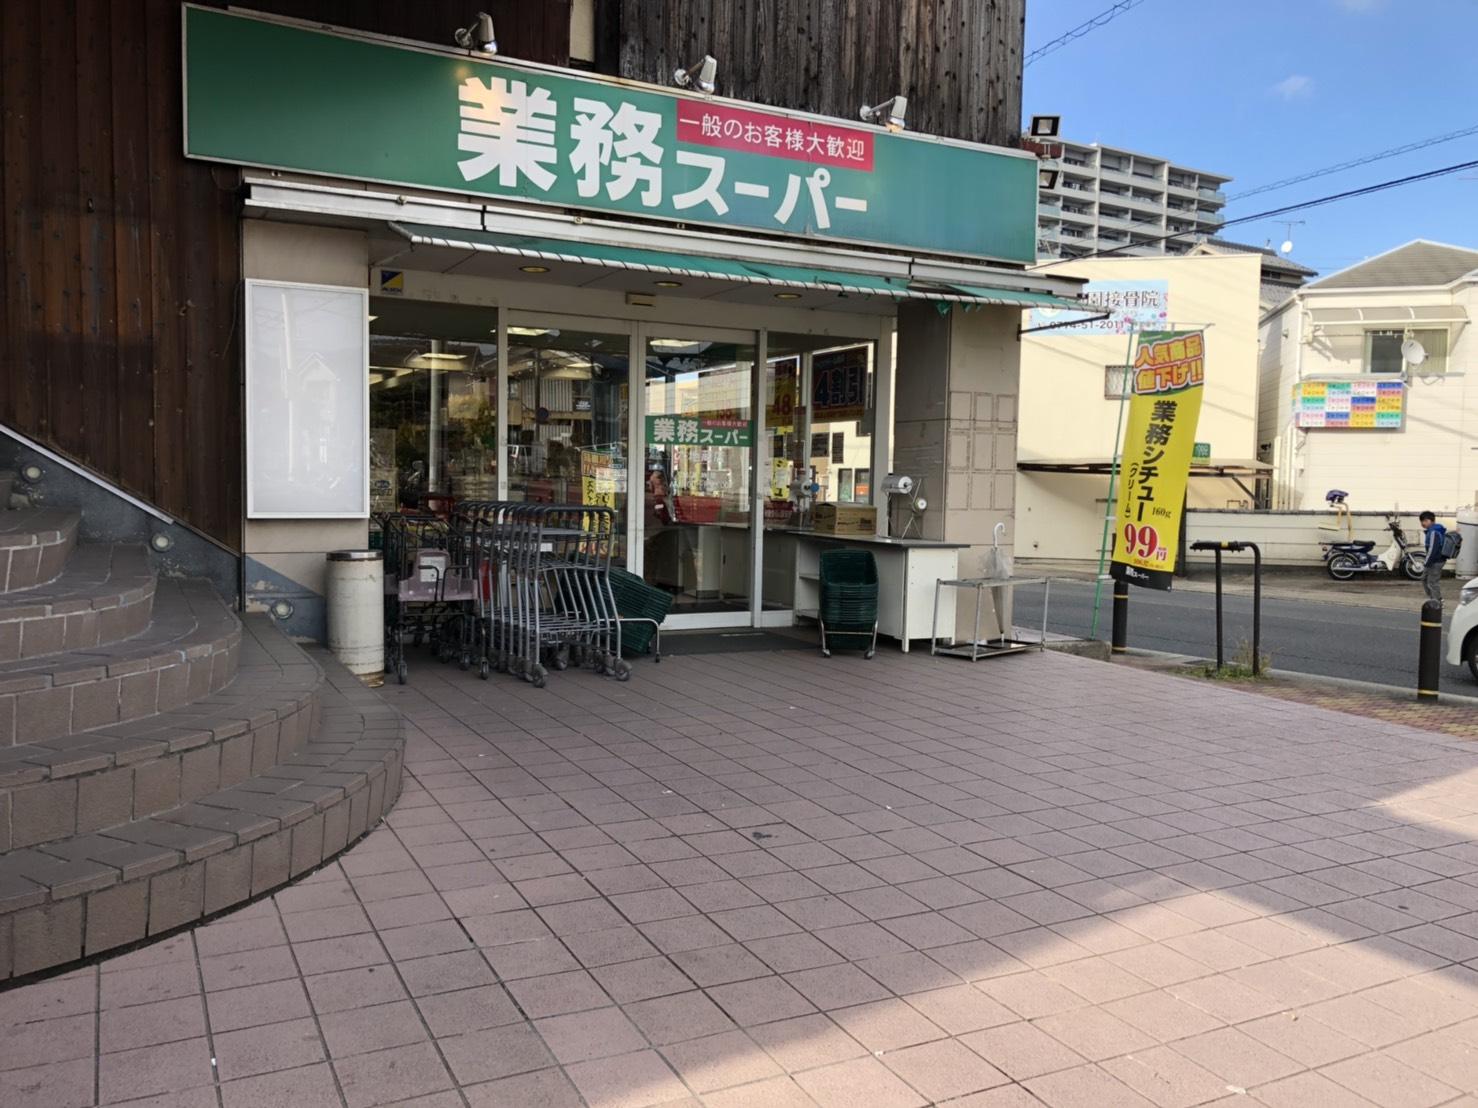 業務スーパー六地蔵店(宇治市)